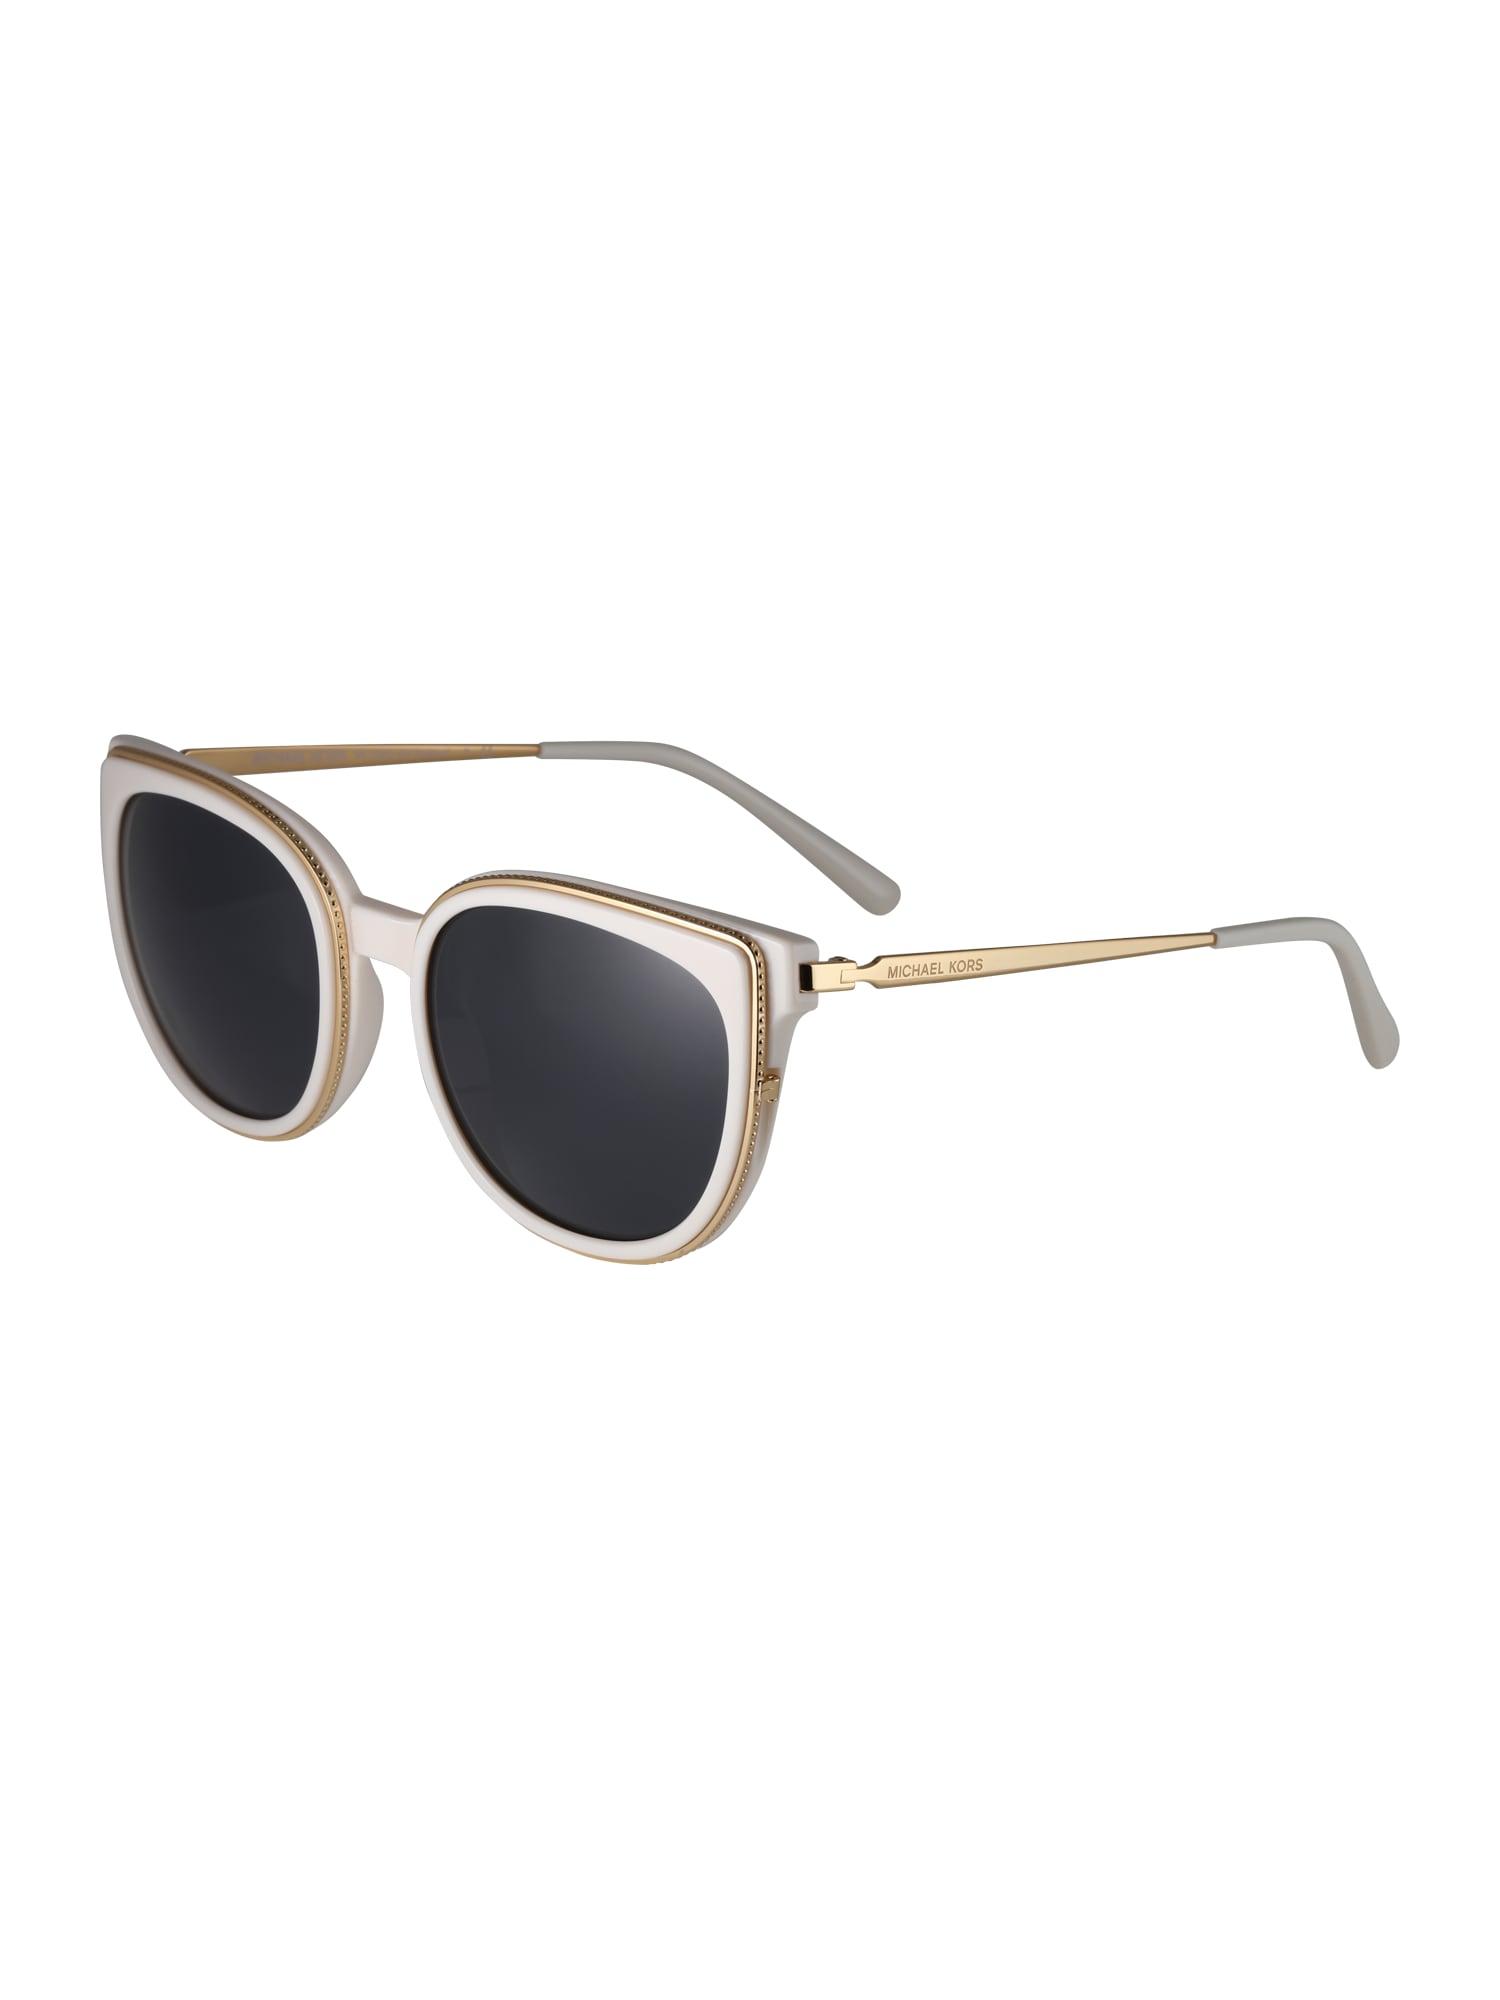 Sluneční brýle BAL HARBOUR zlatá bílá Michael Kors